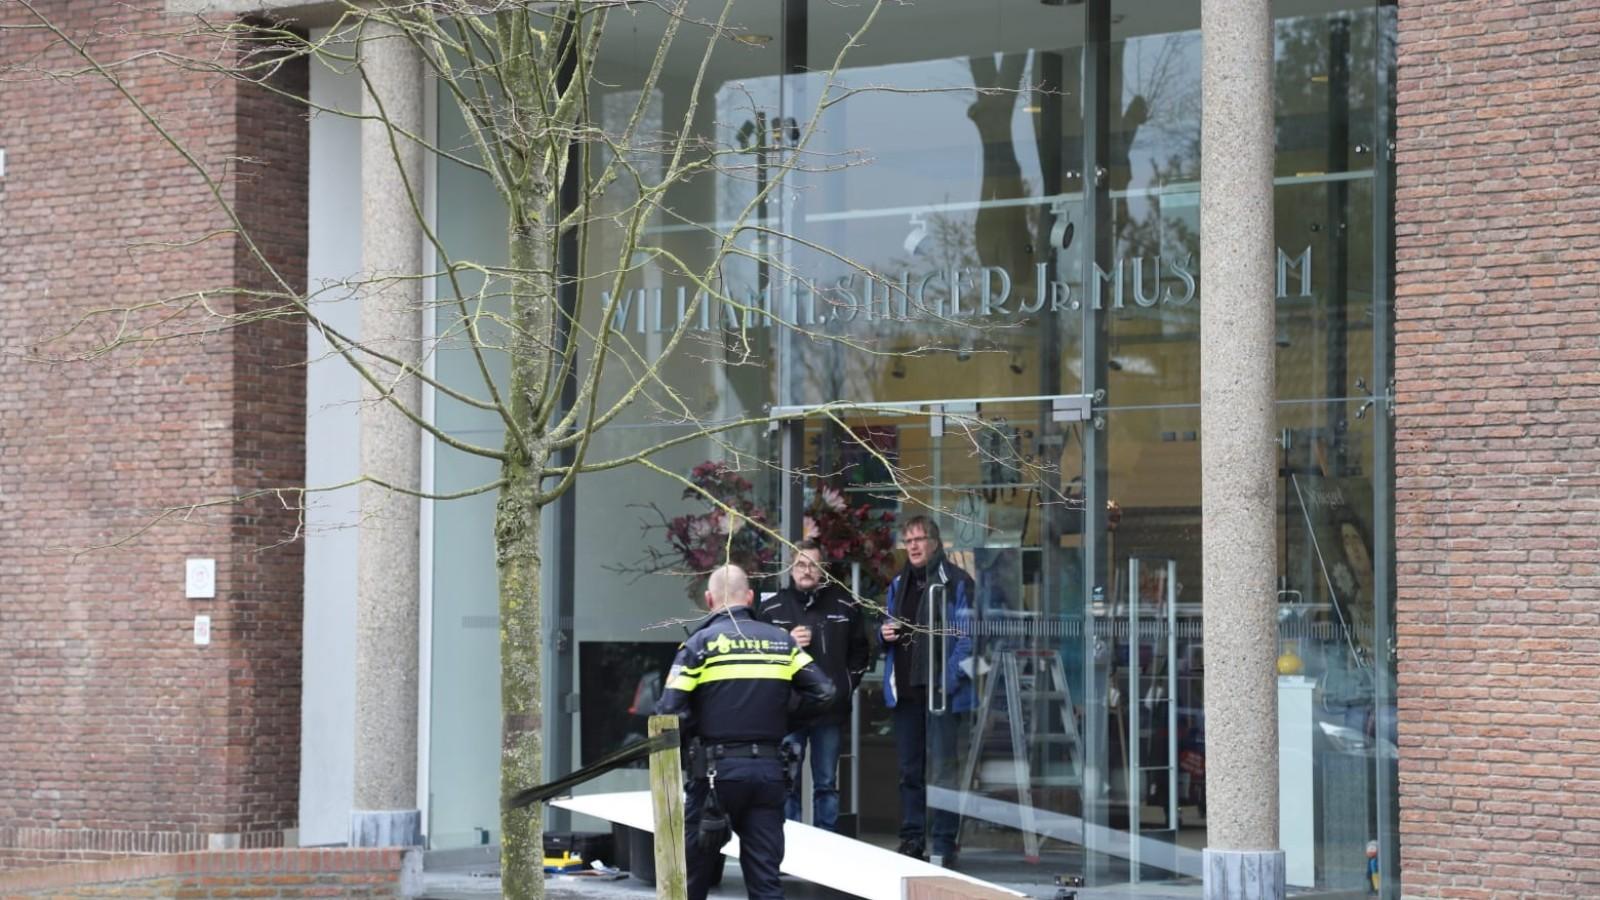 Flinke schade na inbraak in Singer Museum Laren, nog niets bekend over buit